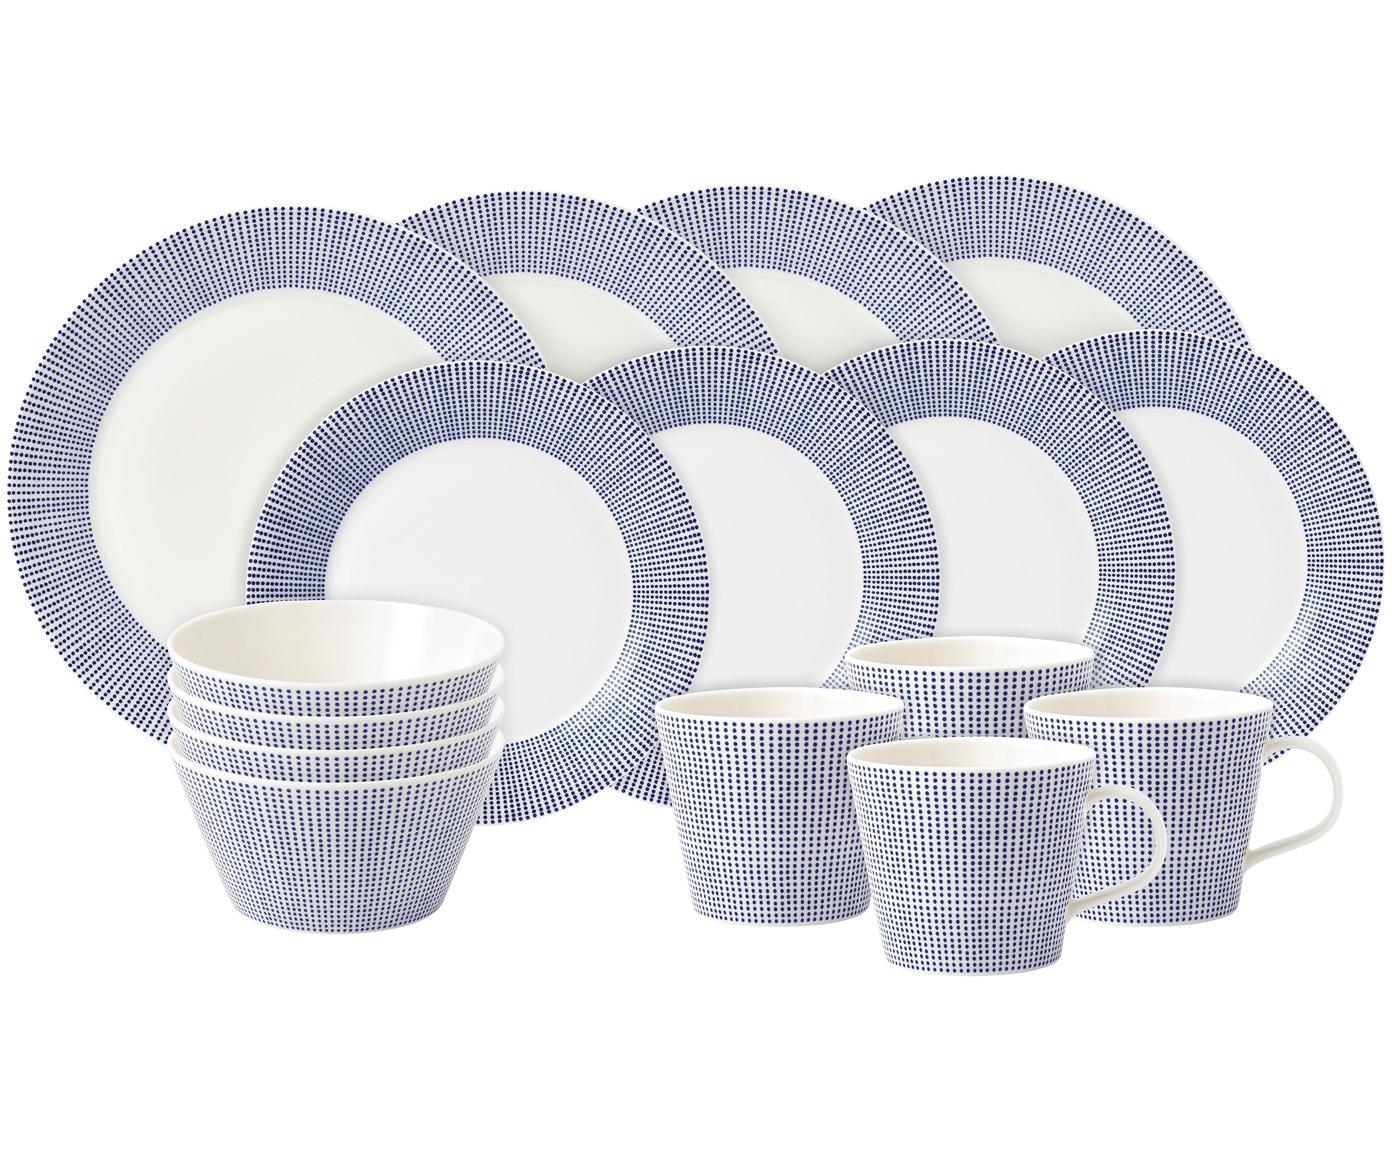 Servizio piatti Pacific, set di 16, Porcellana, Bianco, blu, Diverse dimensioni